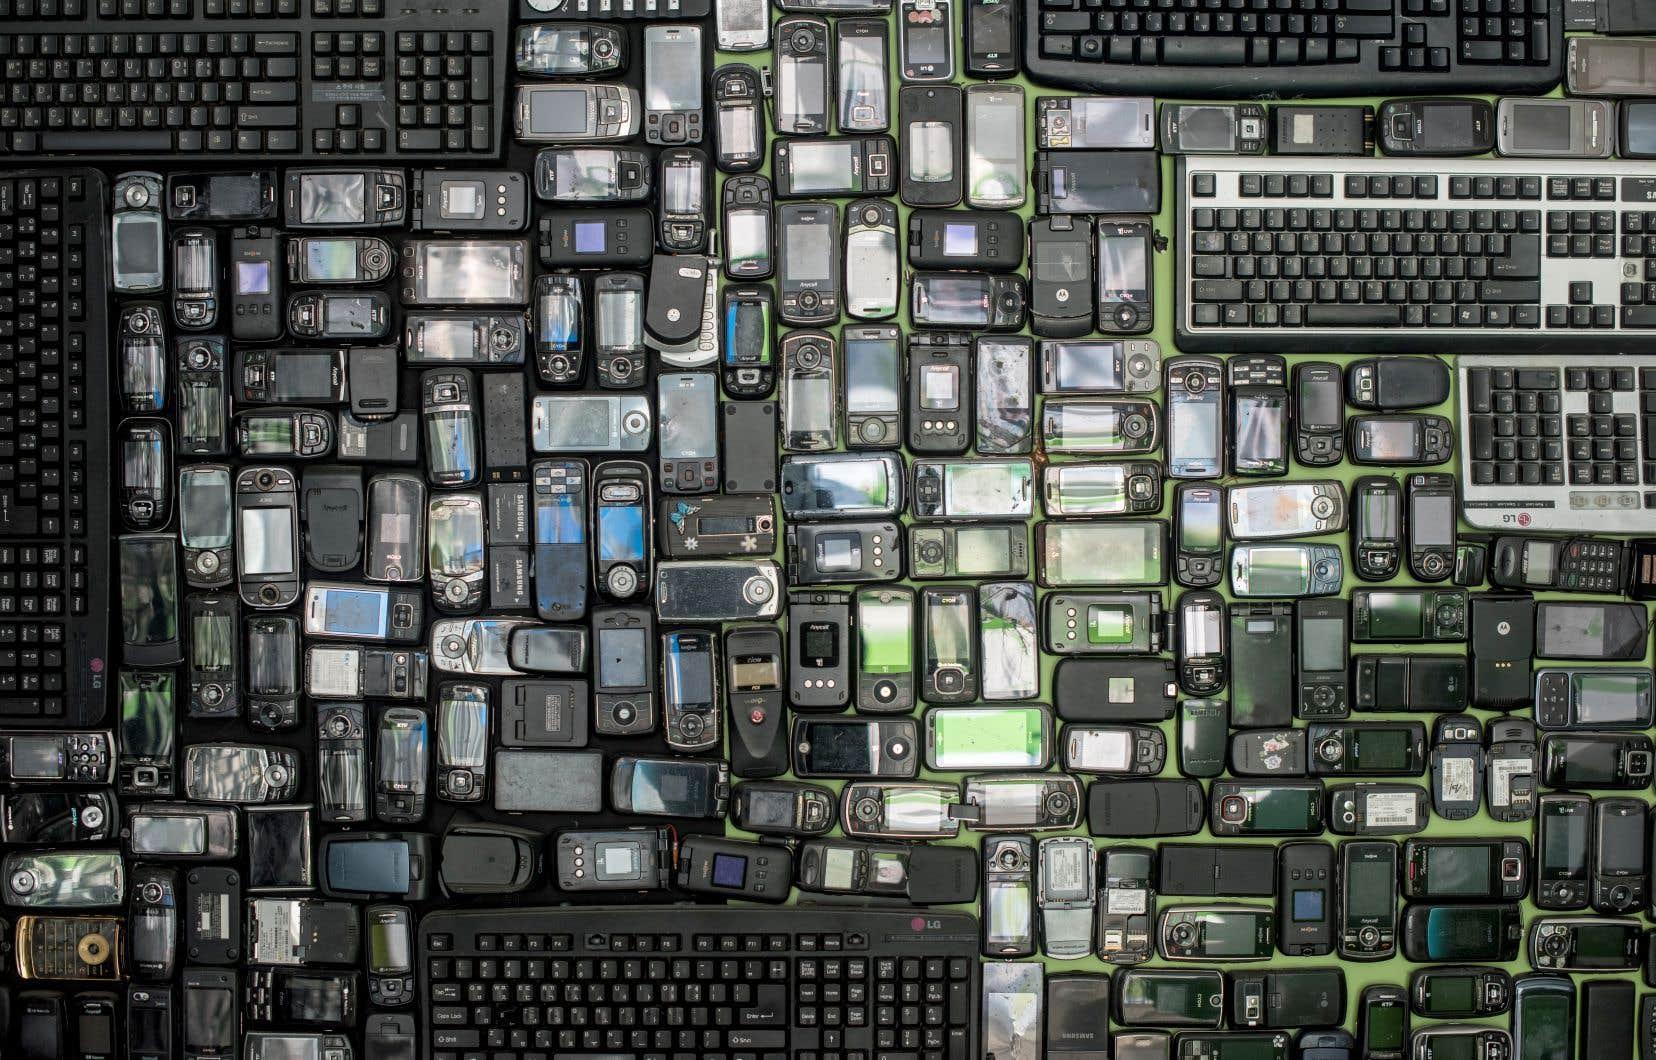 Les téléphones sont parmi les appareils électroniques qui sont les plus rapidement remplacés… et les moins recyclés. Or, la fabrication d'un téléphone intelligent requiert 70kg de matière première (jusqu'à 60 métaux différents) et génère environ 32kg de CO2, selon les données de HOP, une association française militant contre l'obsolescence programmée.